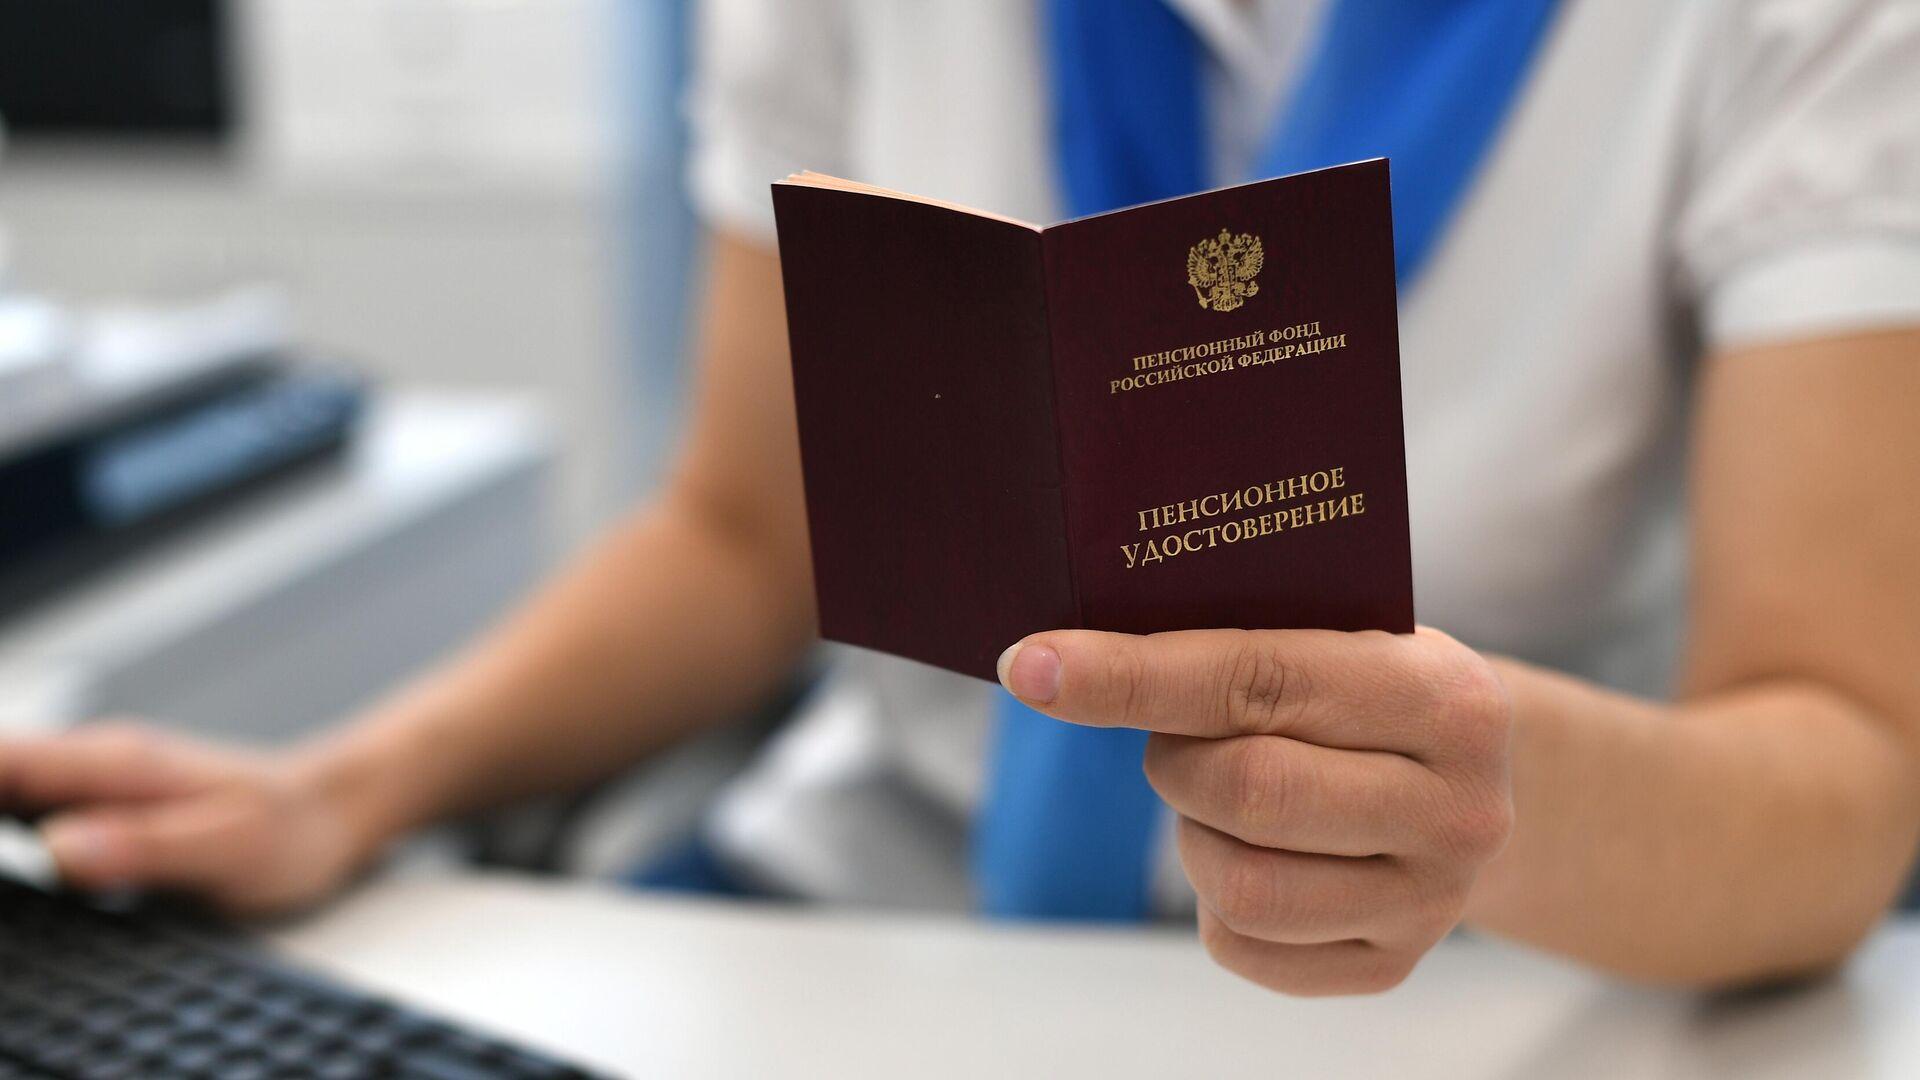 Сотрудник пенсионного фонда держит в руках пенсионное удостоверение - РИА Новости, 1920, 03.08.2021